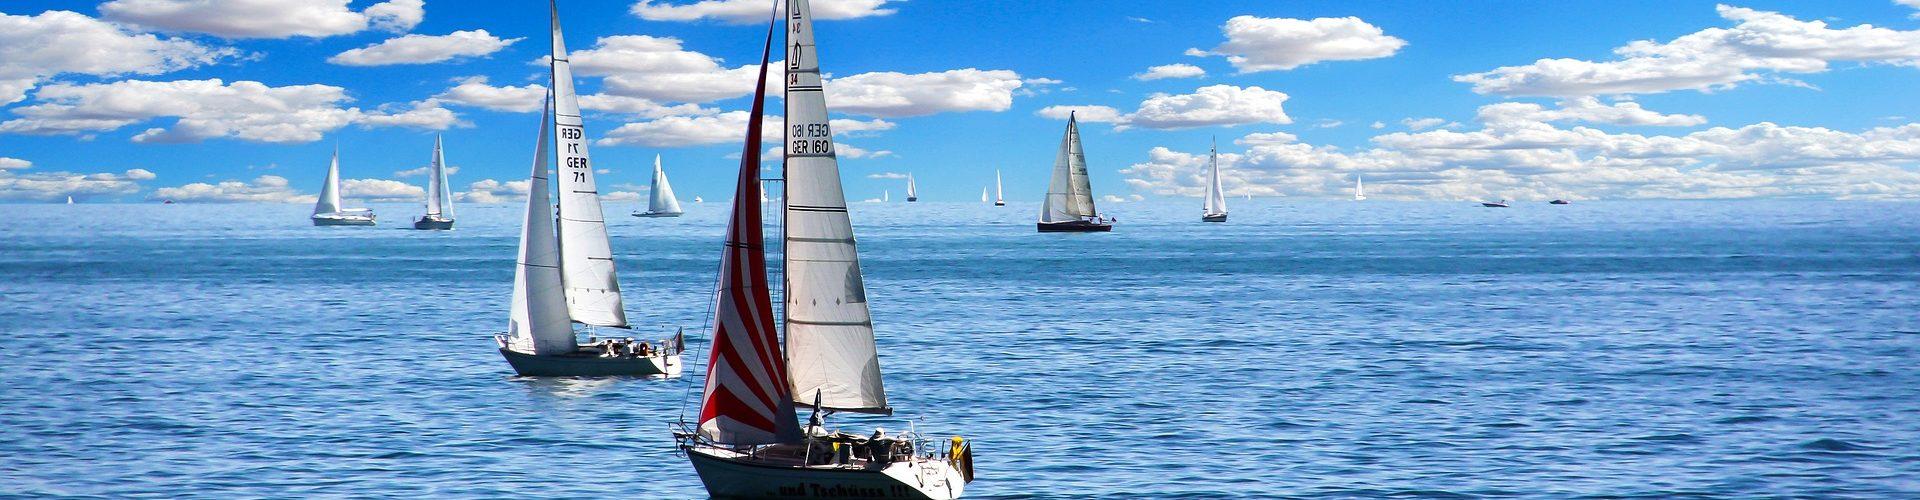 segeln lernen in Walldorf segelschein machen in Walldorf 1920x500 - Segeln lernen in Walldorf